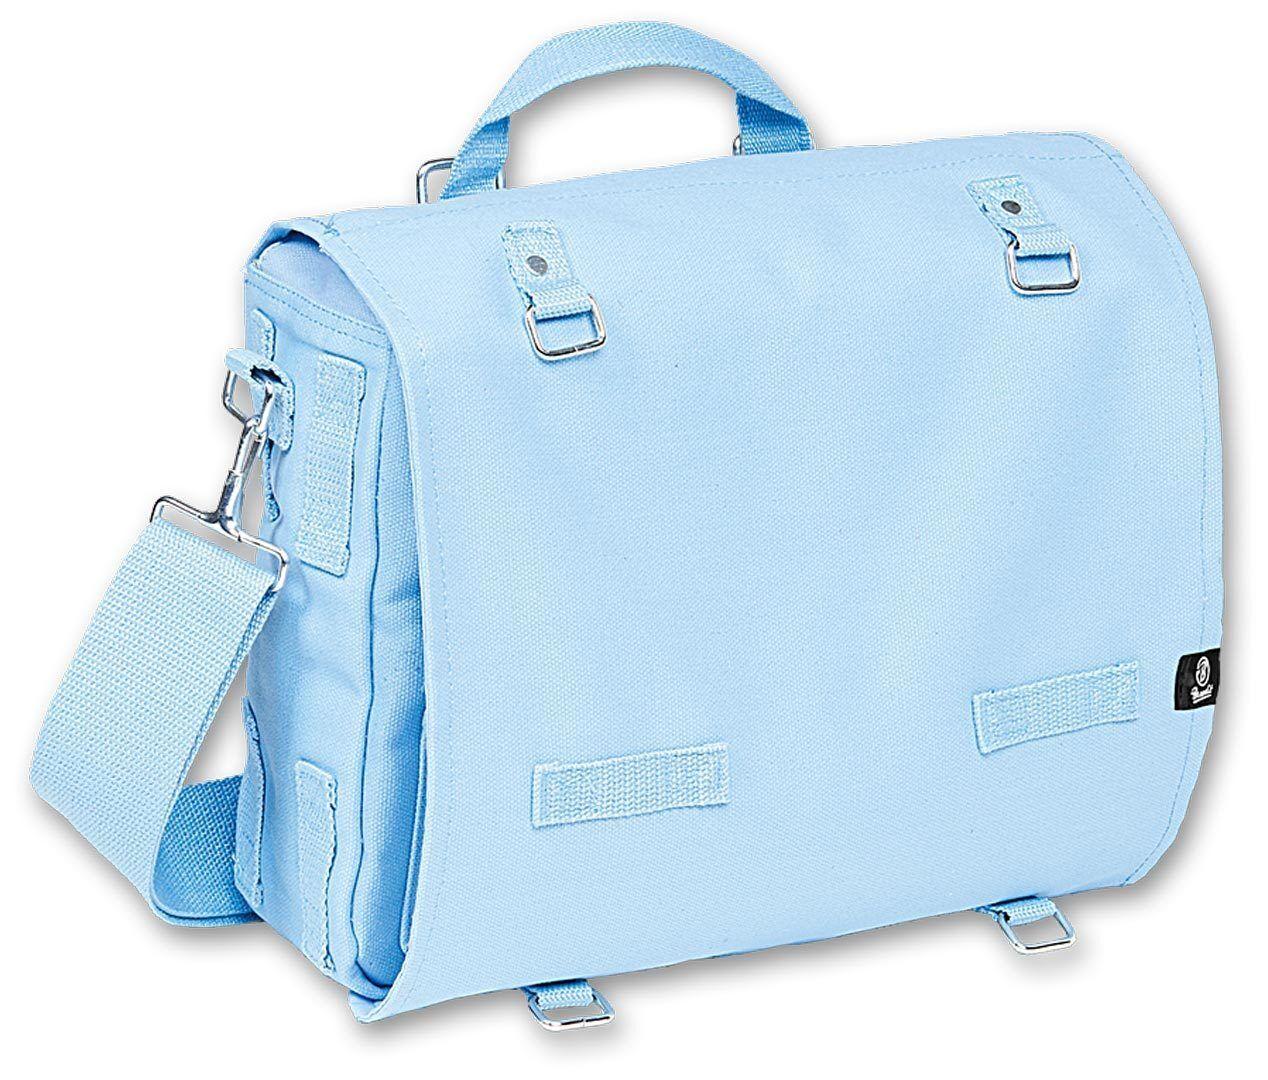 Brandit Canvas L Bag Turquoise Blue One Size